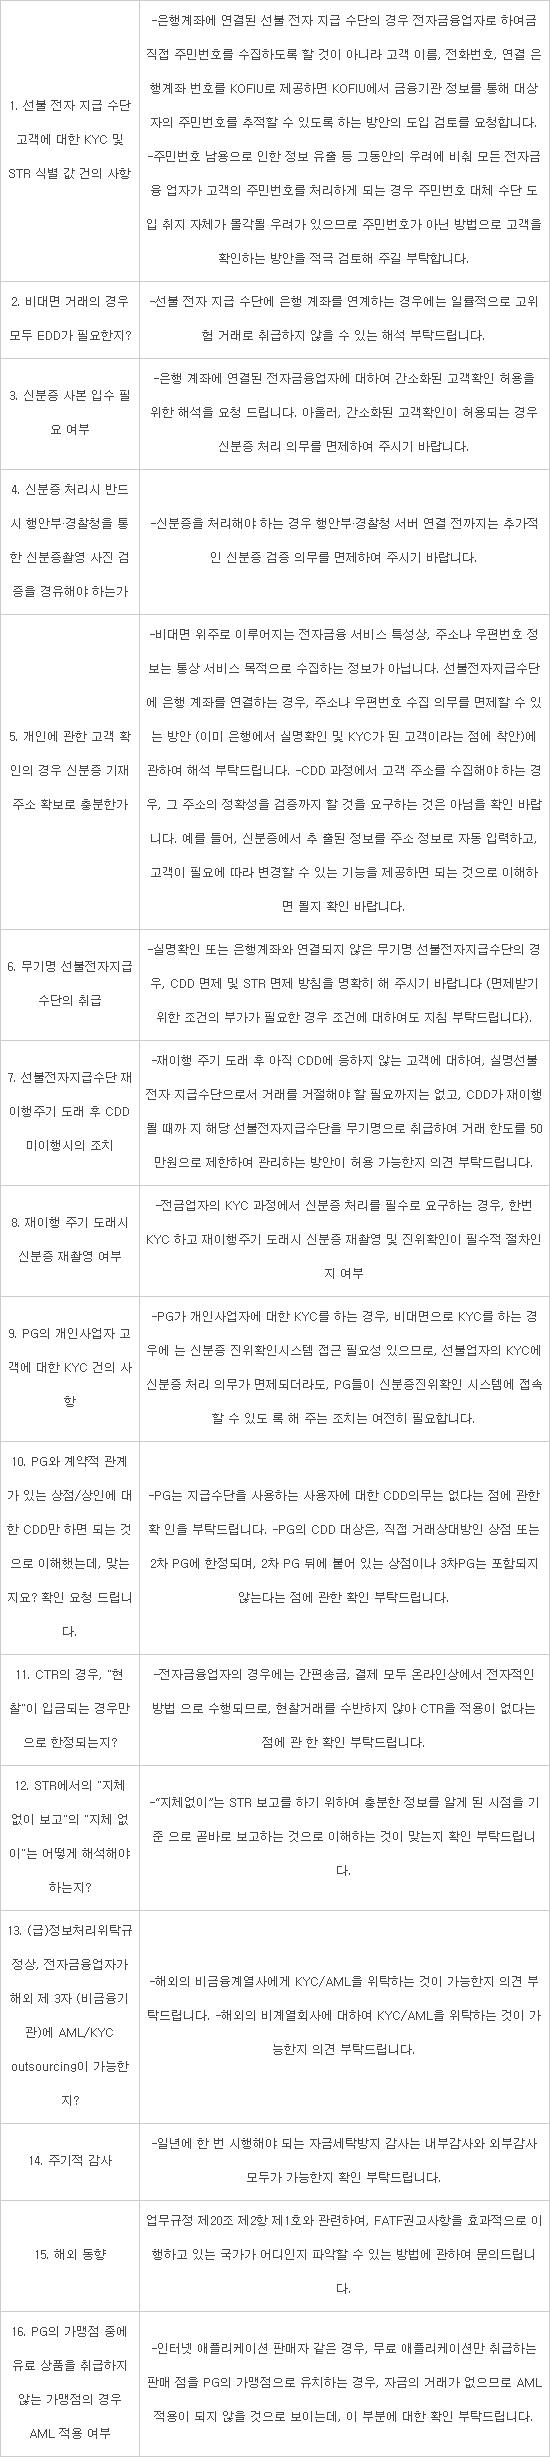 카카오·네이버페이 미성년자 이용 막히나...특금법 시행령에 핀테크기업 '혼돈'